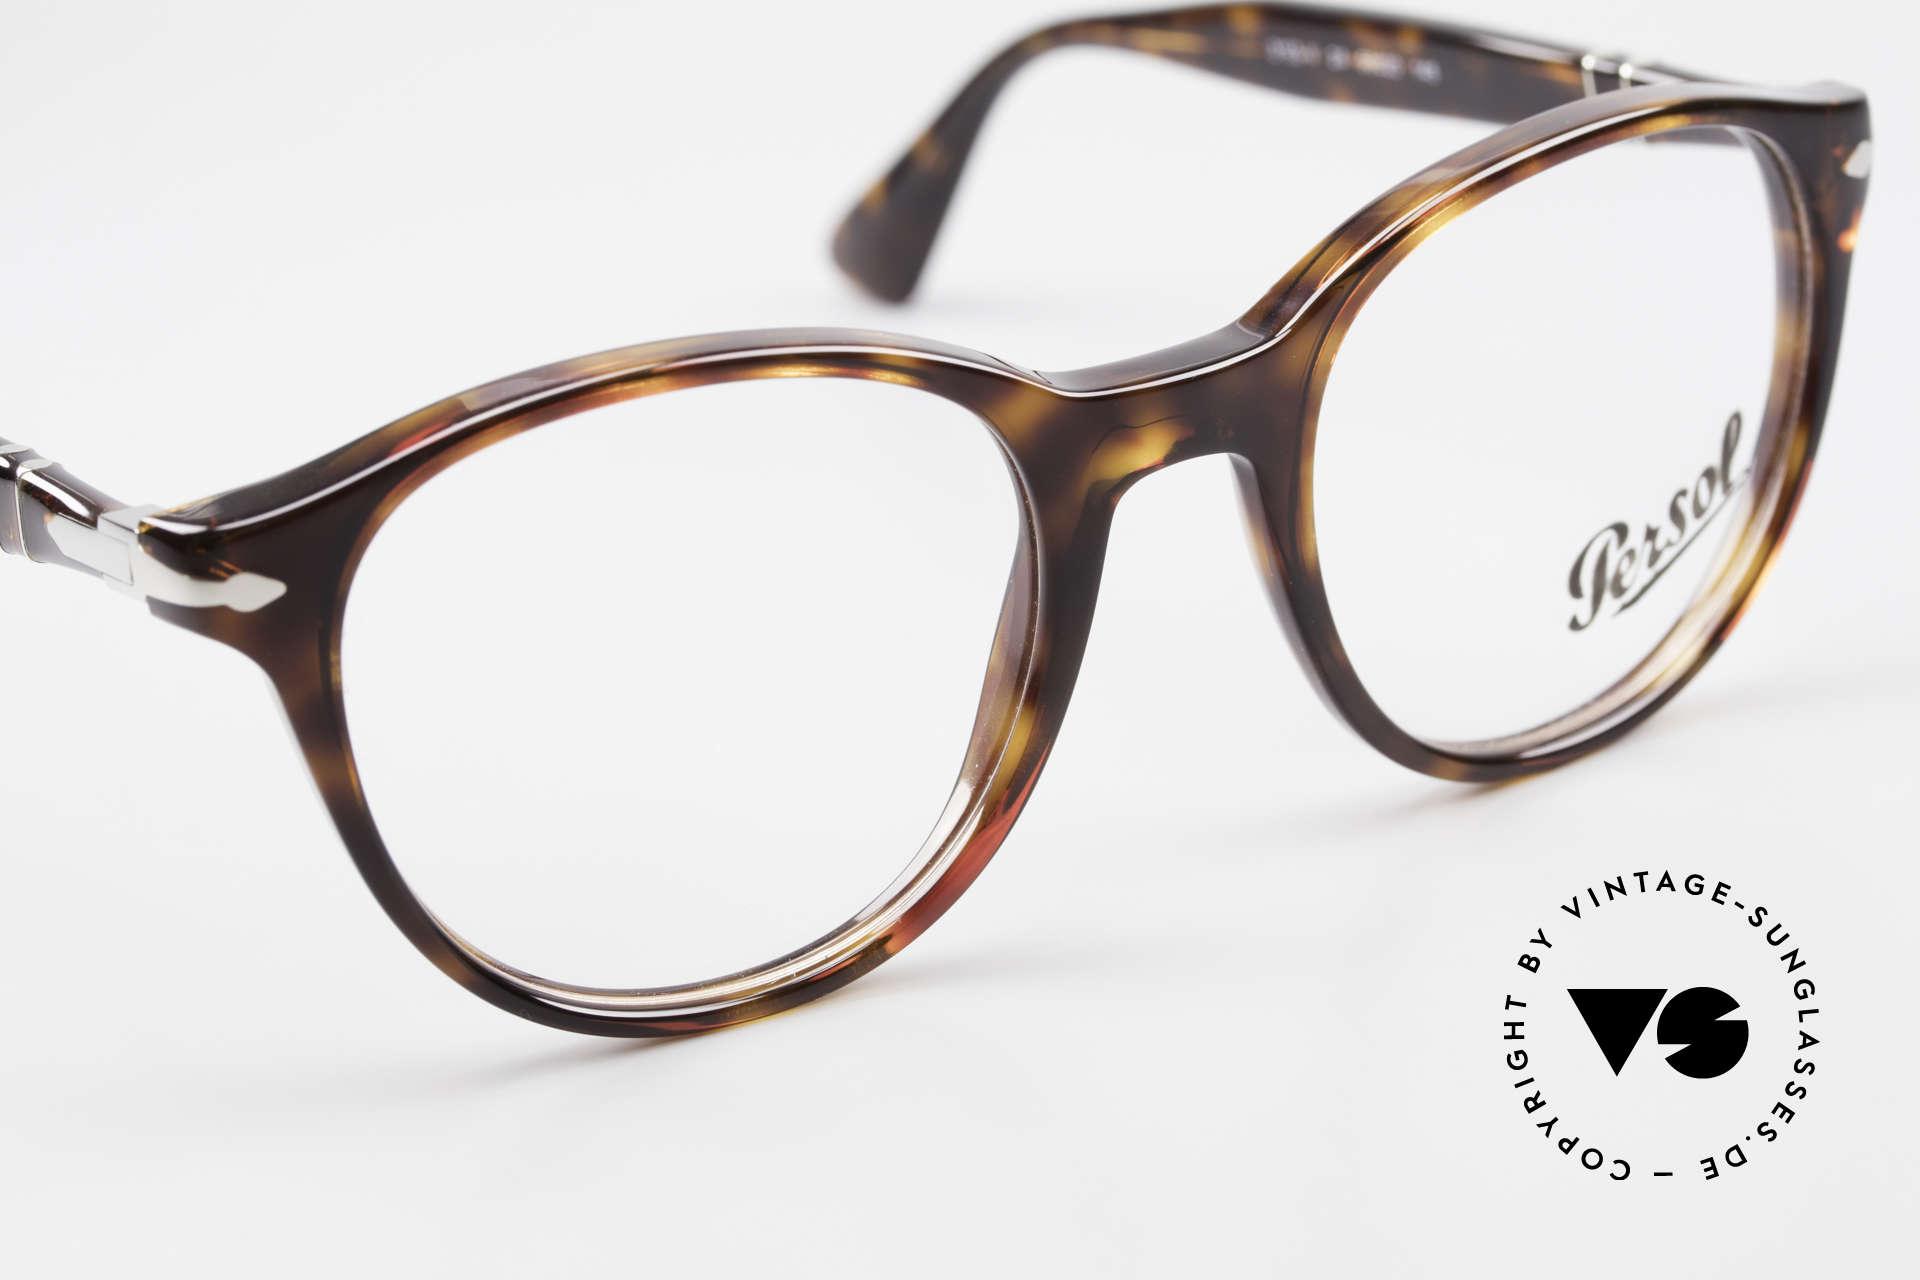 Persol 3153 Zeitlose Panto Unisex Brille, Unisex-Modell, daher passend für Damen & Herren, Passend für Herren und Damen